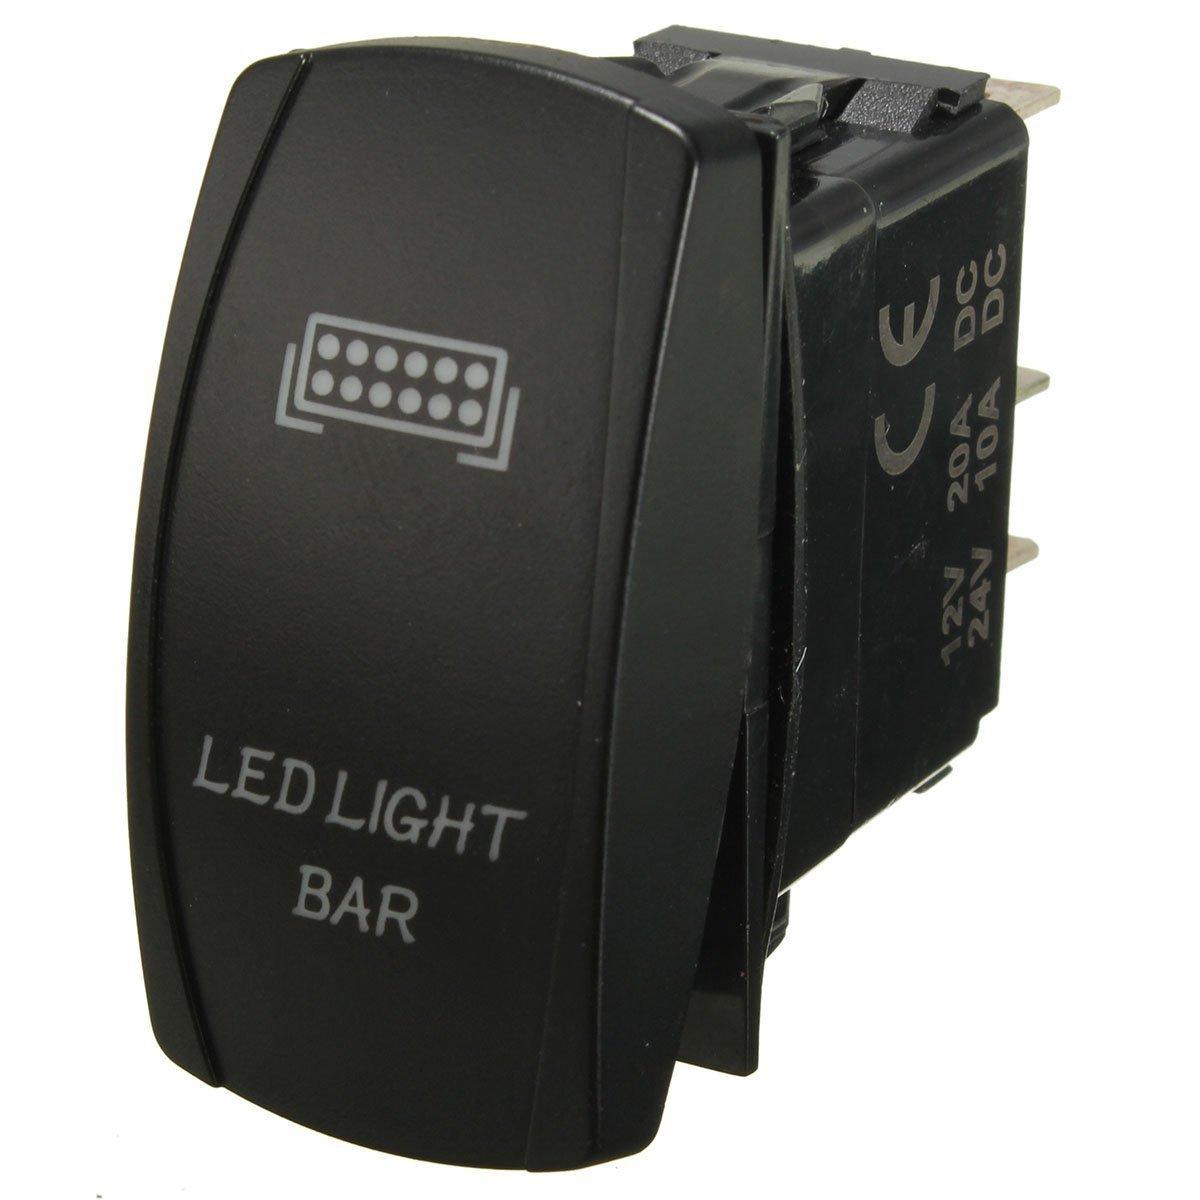 Lot de 12/V 40/A 300/W kit de c/âblage avec relais fusible Faisceau de c/âblage Barre lumineuse LED Interrupteur /à bascule